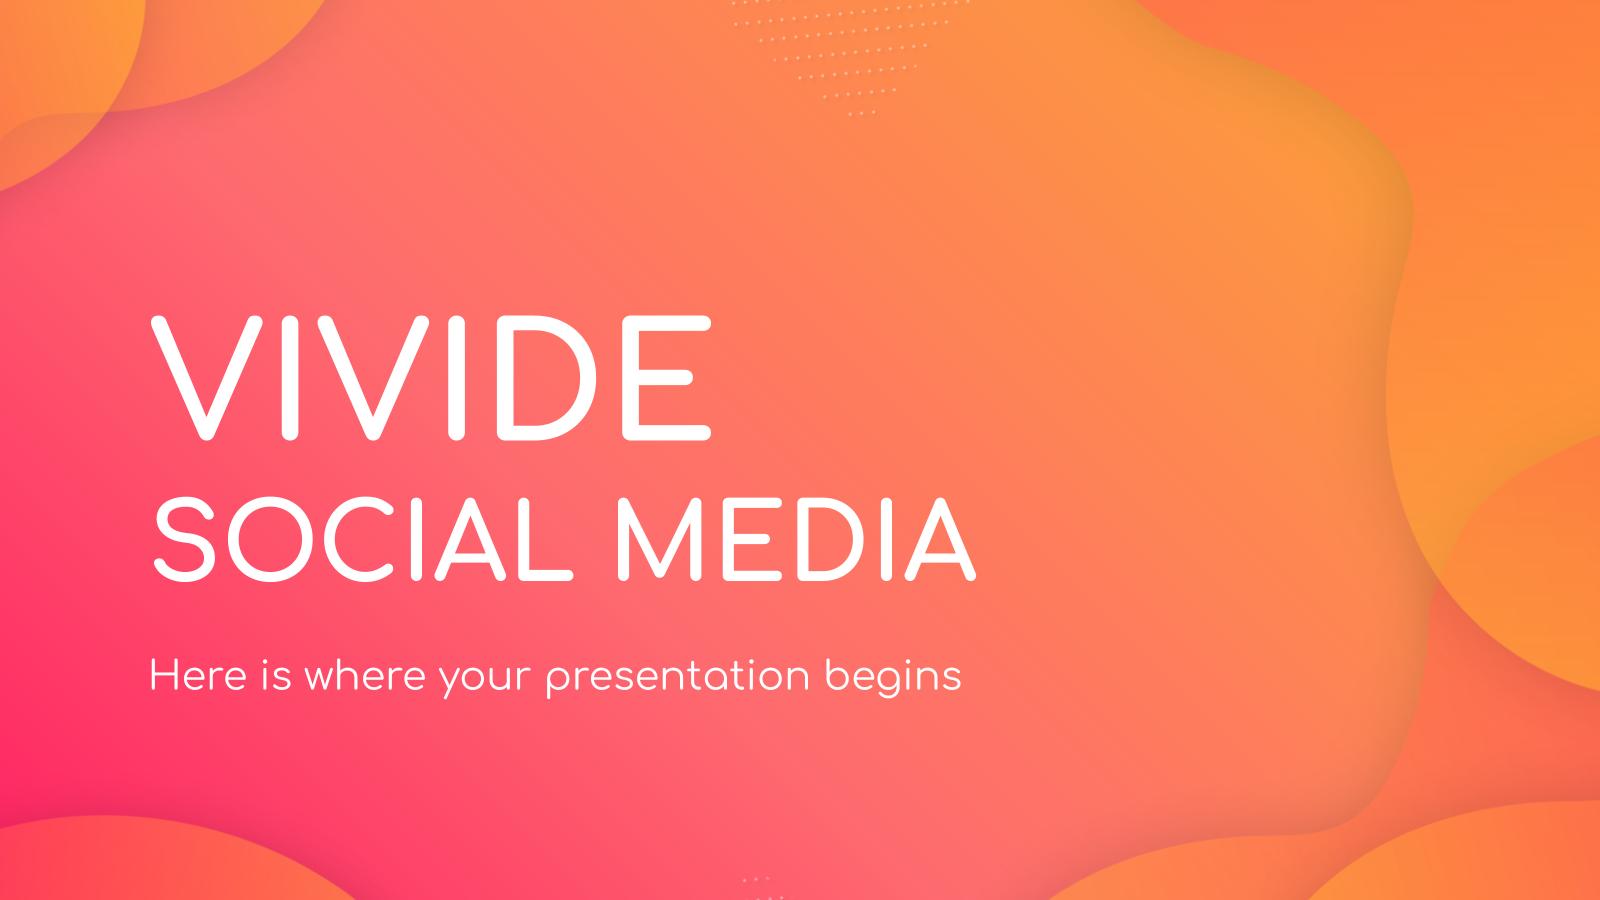 Plantilla de presentación Redes sociales Vivide